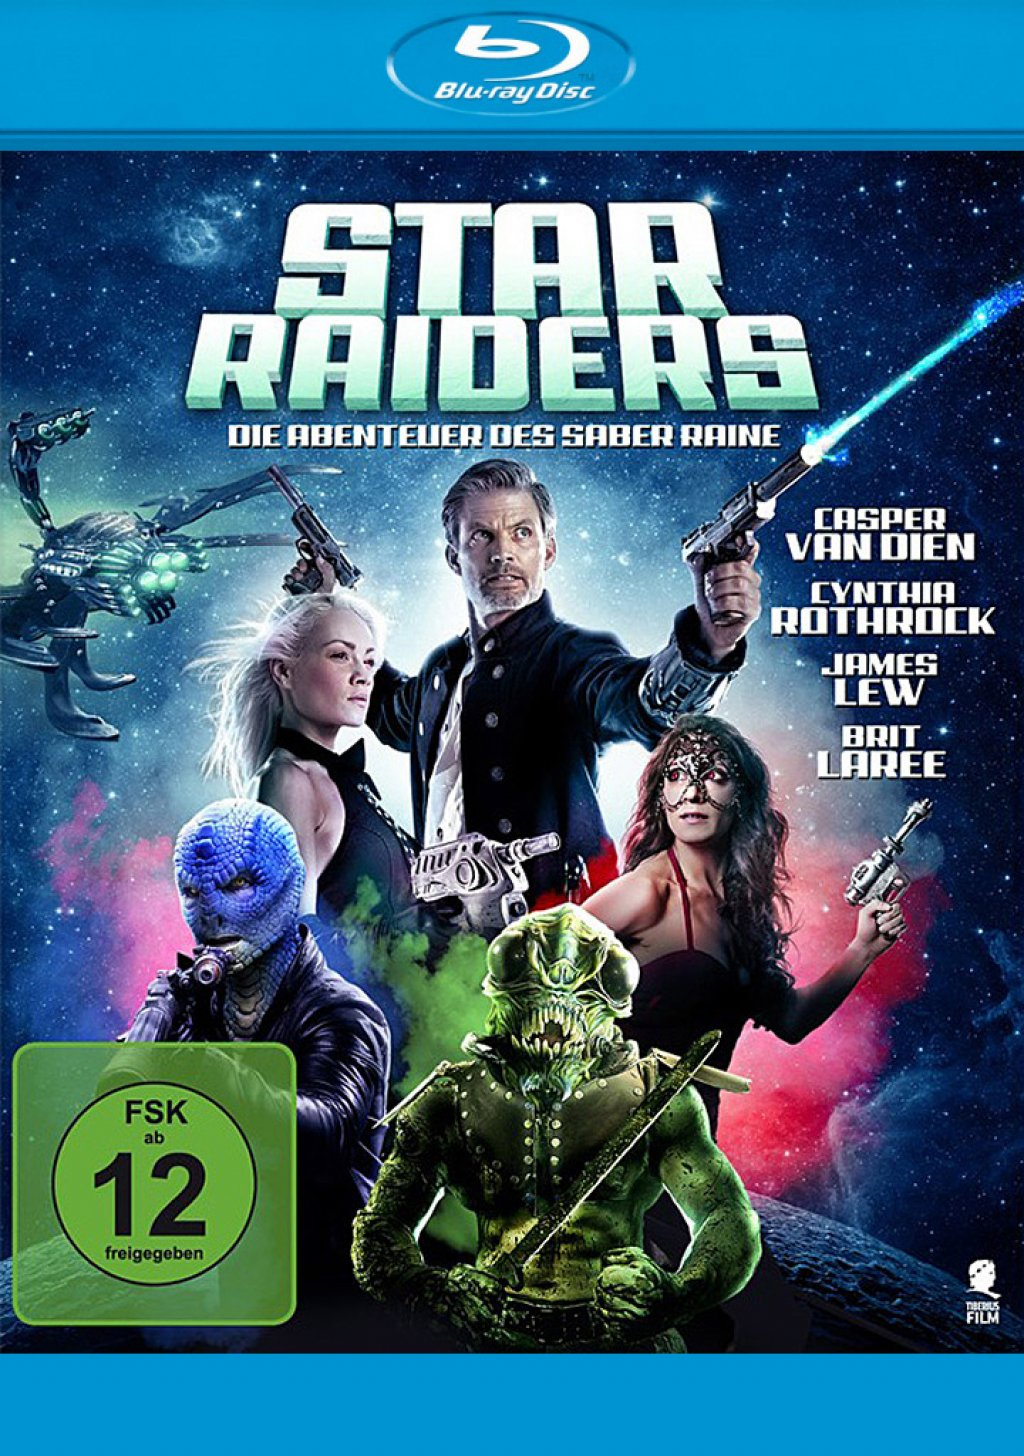 Star Raiders - Die Abenteuer des Saber Raine (Blu-ray)